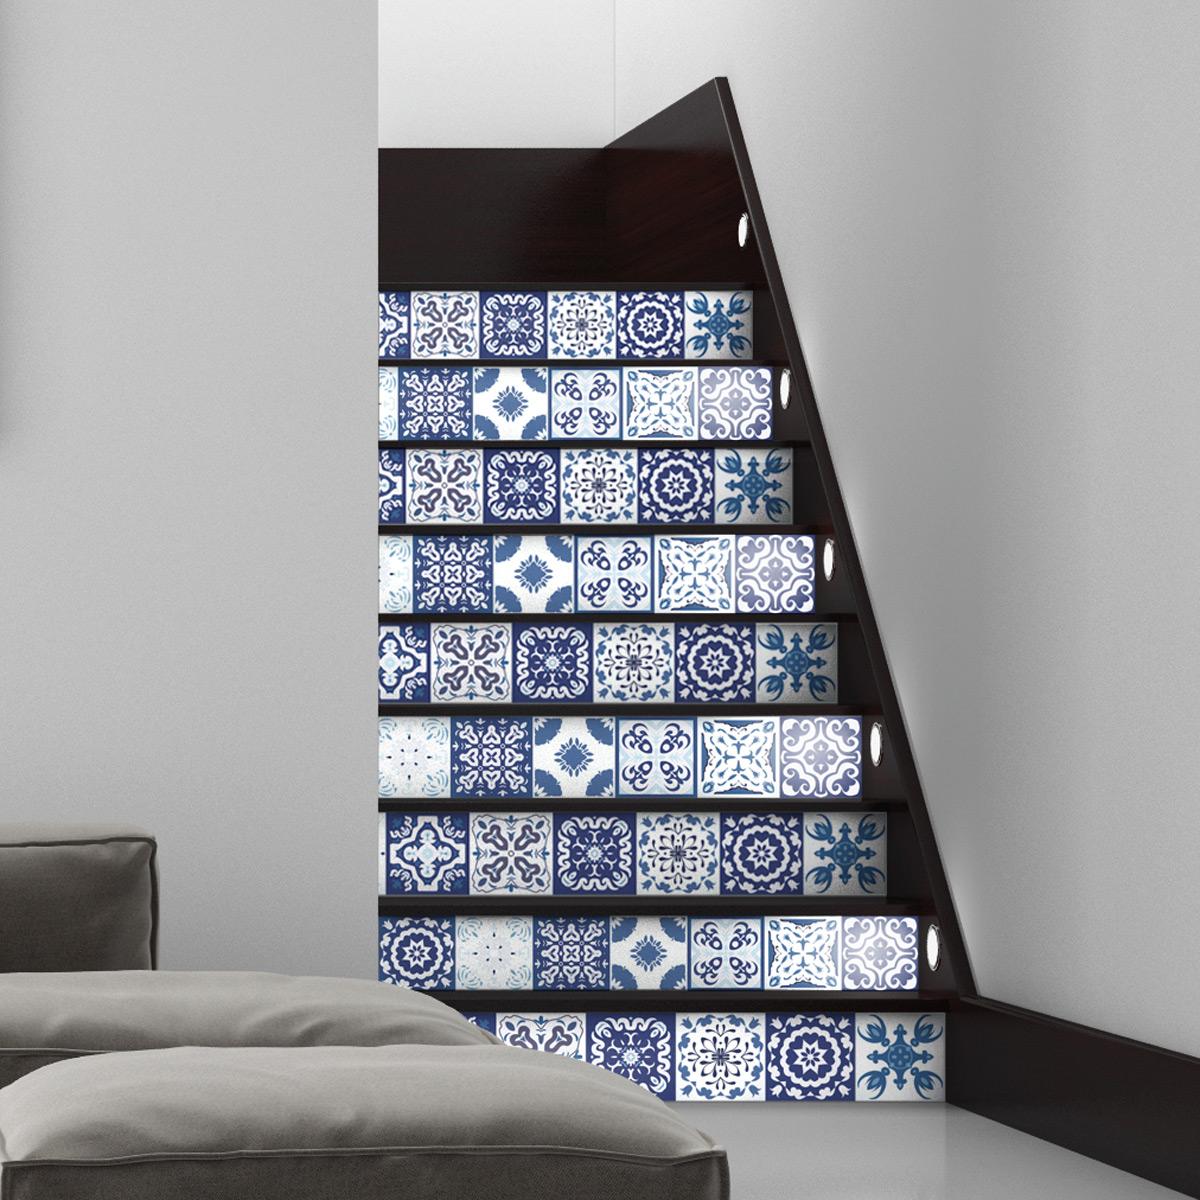 Stickers escalier carreaux de ciment fedora x 2 ambiance - Escalier carreaux de ciment ...